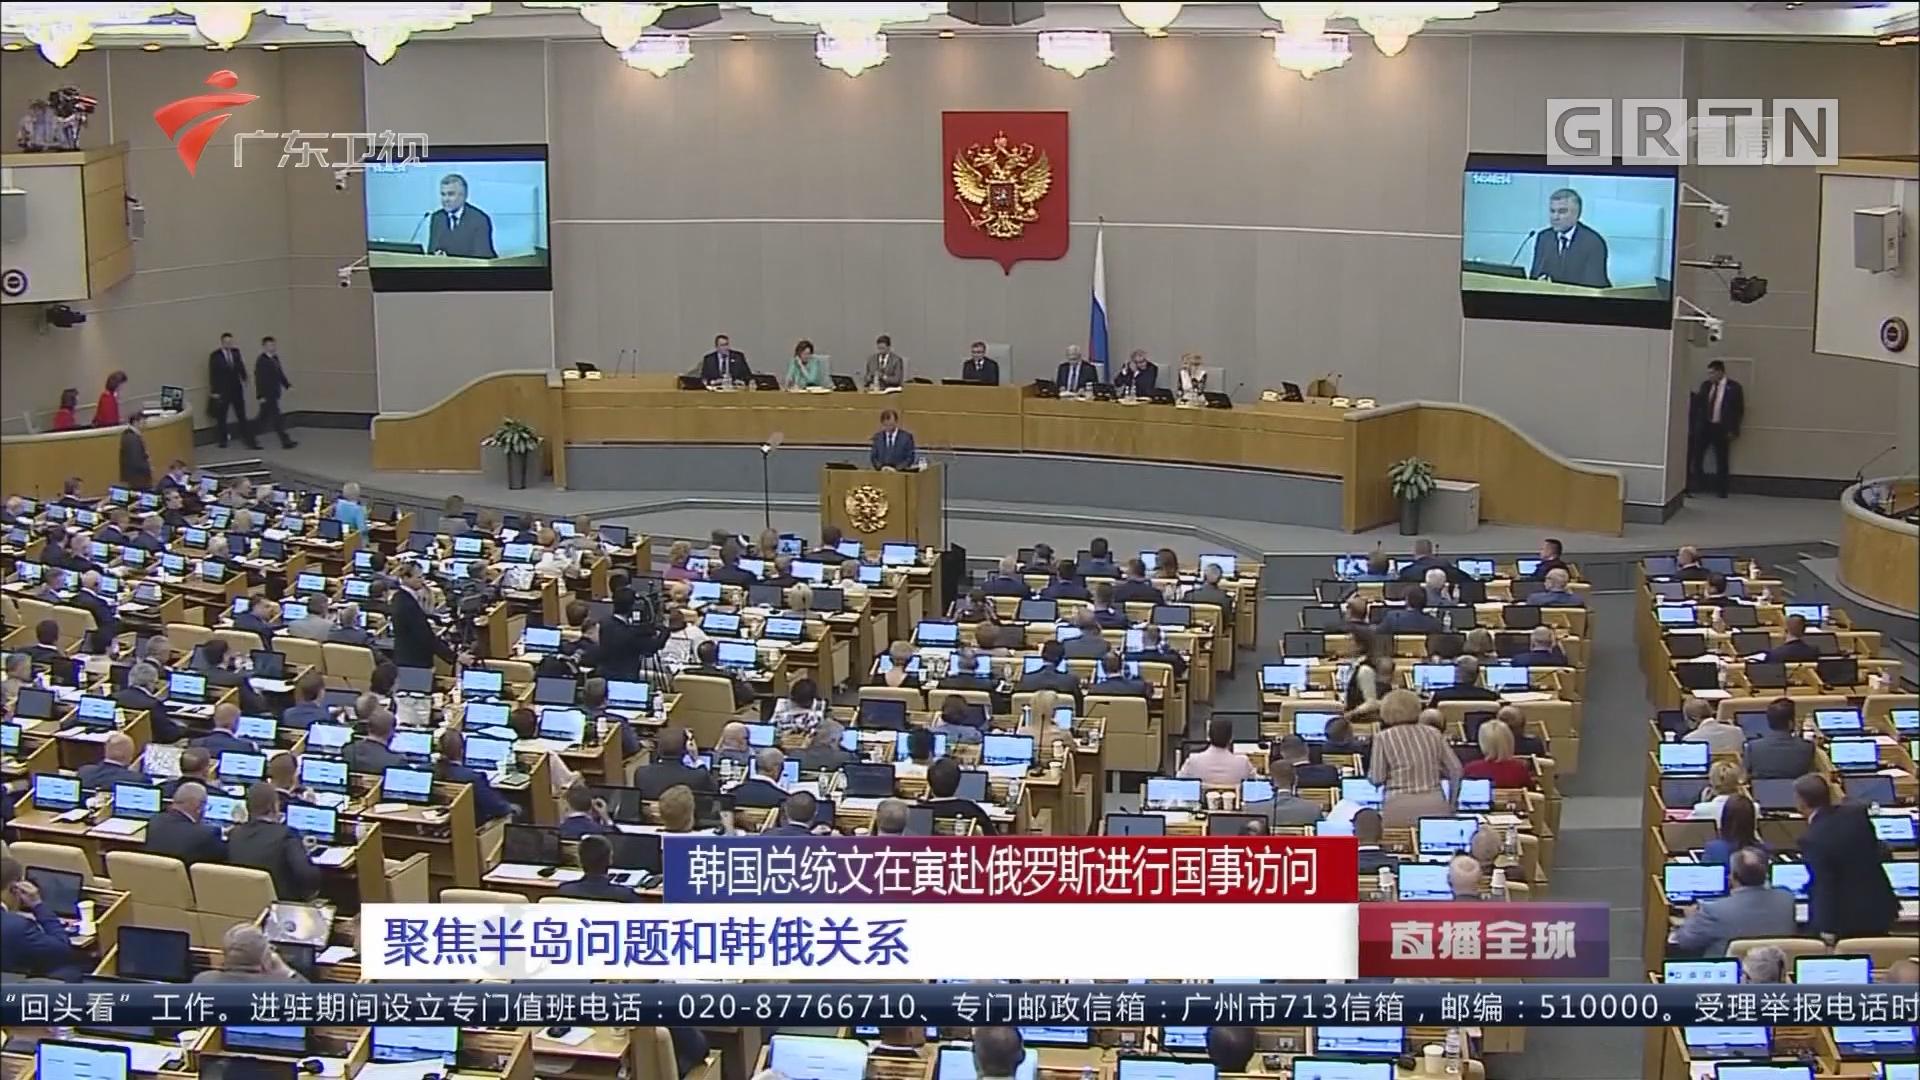 韩国总统文在寅赴俄罗斯进行国事访问:聚焦半岛问题和韩俄关系